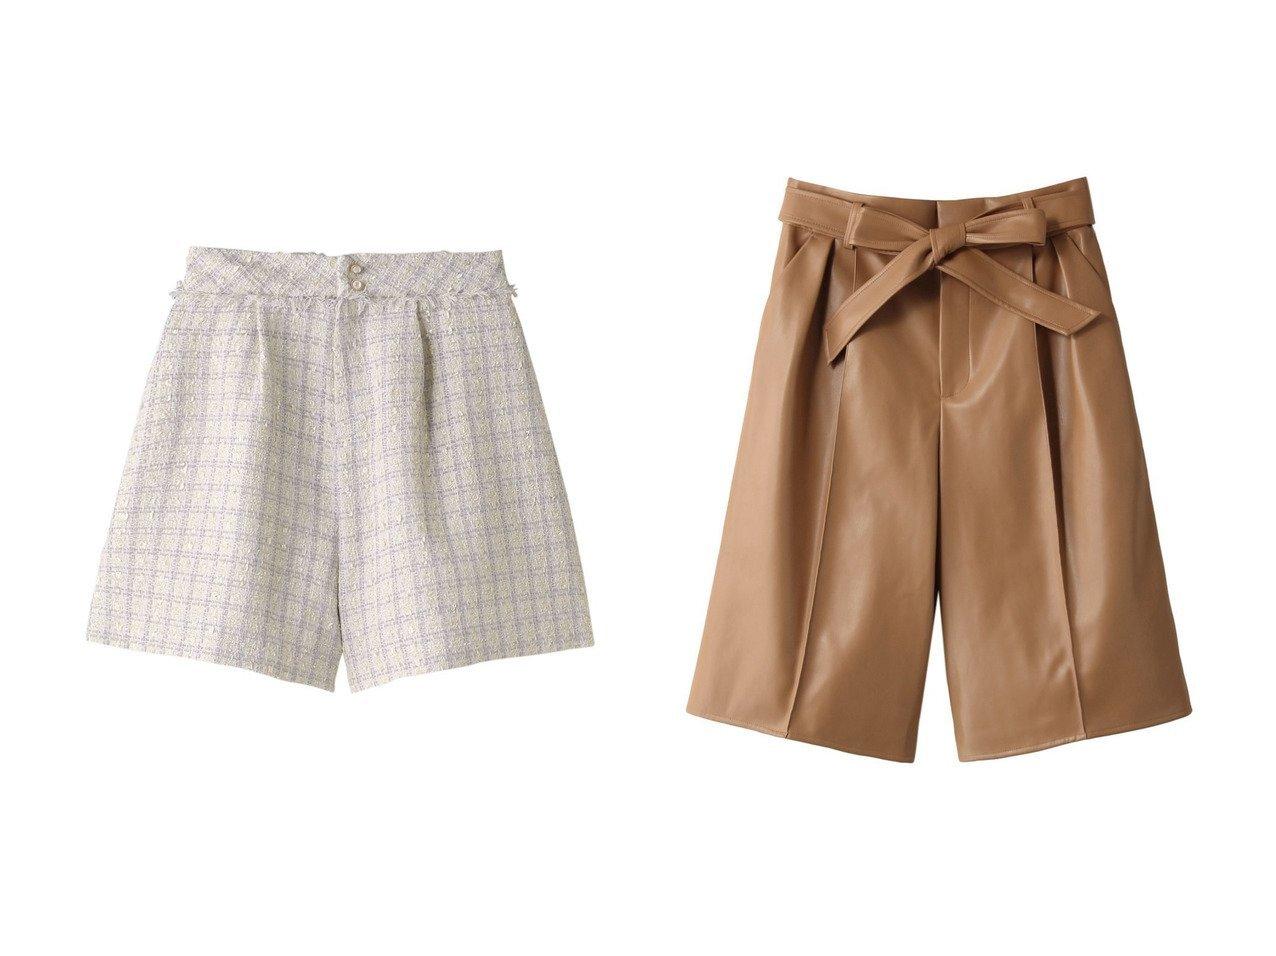 【31 Sons de mode/トランテアン ソン ドゥ モード】のツイードショートパンツ&【ANAYI/アナイ】のフェイクレザーショートパンツ パンツのおすすめ!人気、レディースファッションの通販 おすすめで人気のファッション通販商品 インテリア・家具・キッズファッション・メンズファッション・レディースファッション・服の通販 founy(ファニー) https://founy.com/ ファッション Fashion レディース WOMEN パンツ Pants ハーフ / ショートパンツ Short Pants カットソー ショート チェスターコート トレーナー フロント ブルゾン ロング 秋 シンプル フェイクレザー |ID:crp329100000000170